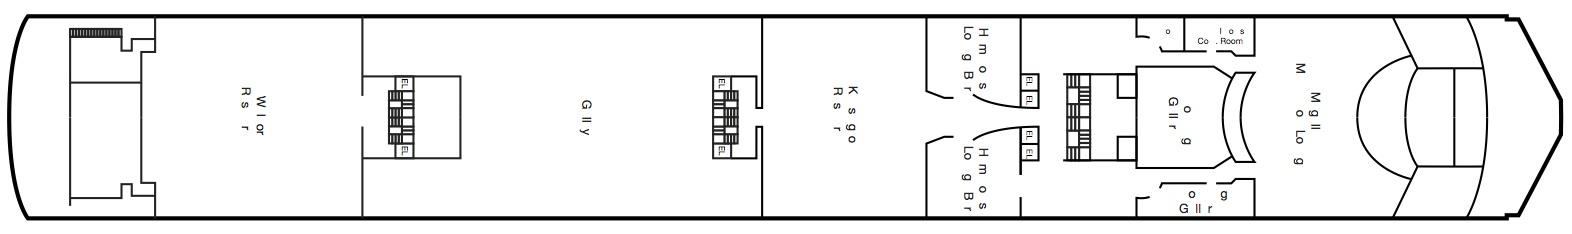 Deck 8 Amundsen